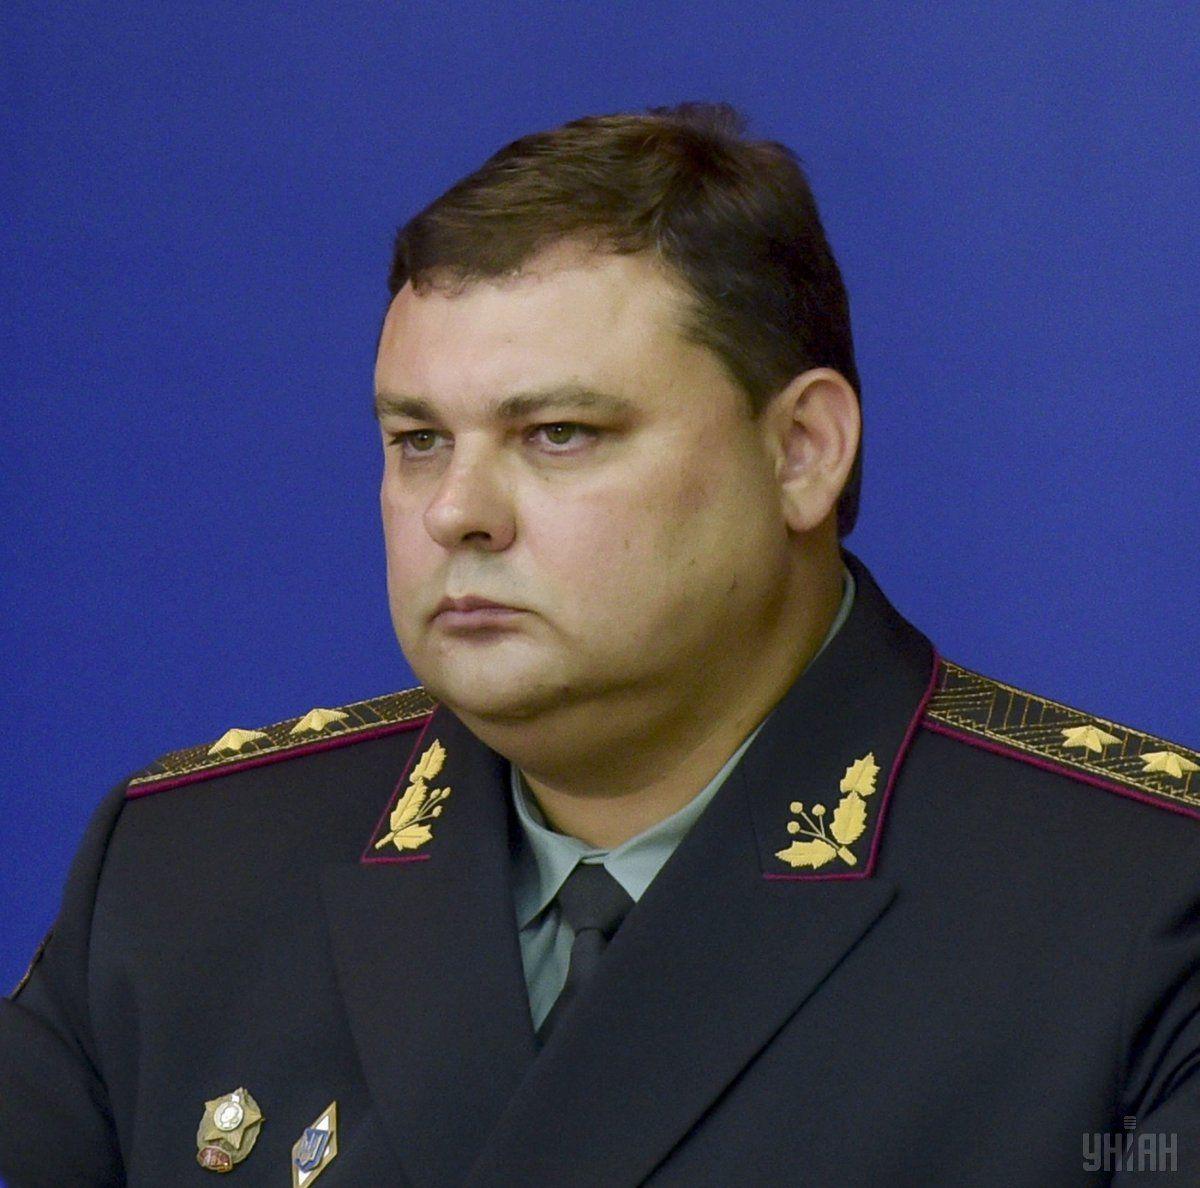 Кондратюк занимал эту должность с 15 октября 2016 года / Википедия